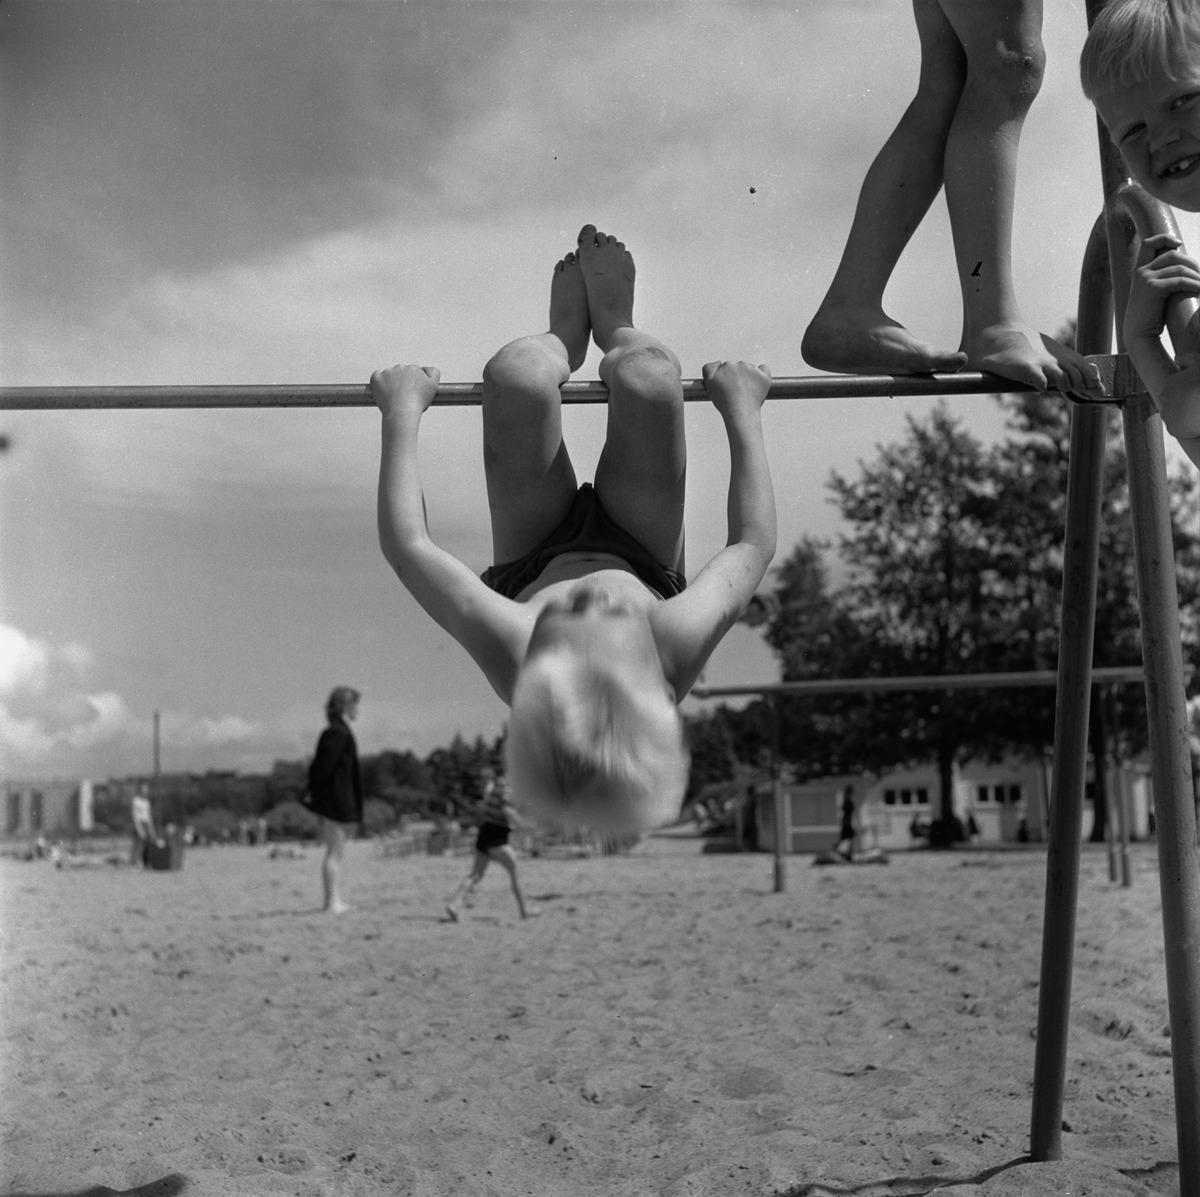 Pikkupojat leikkivät urheilutelineillä Hietaniemen uimarannalla.